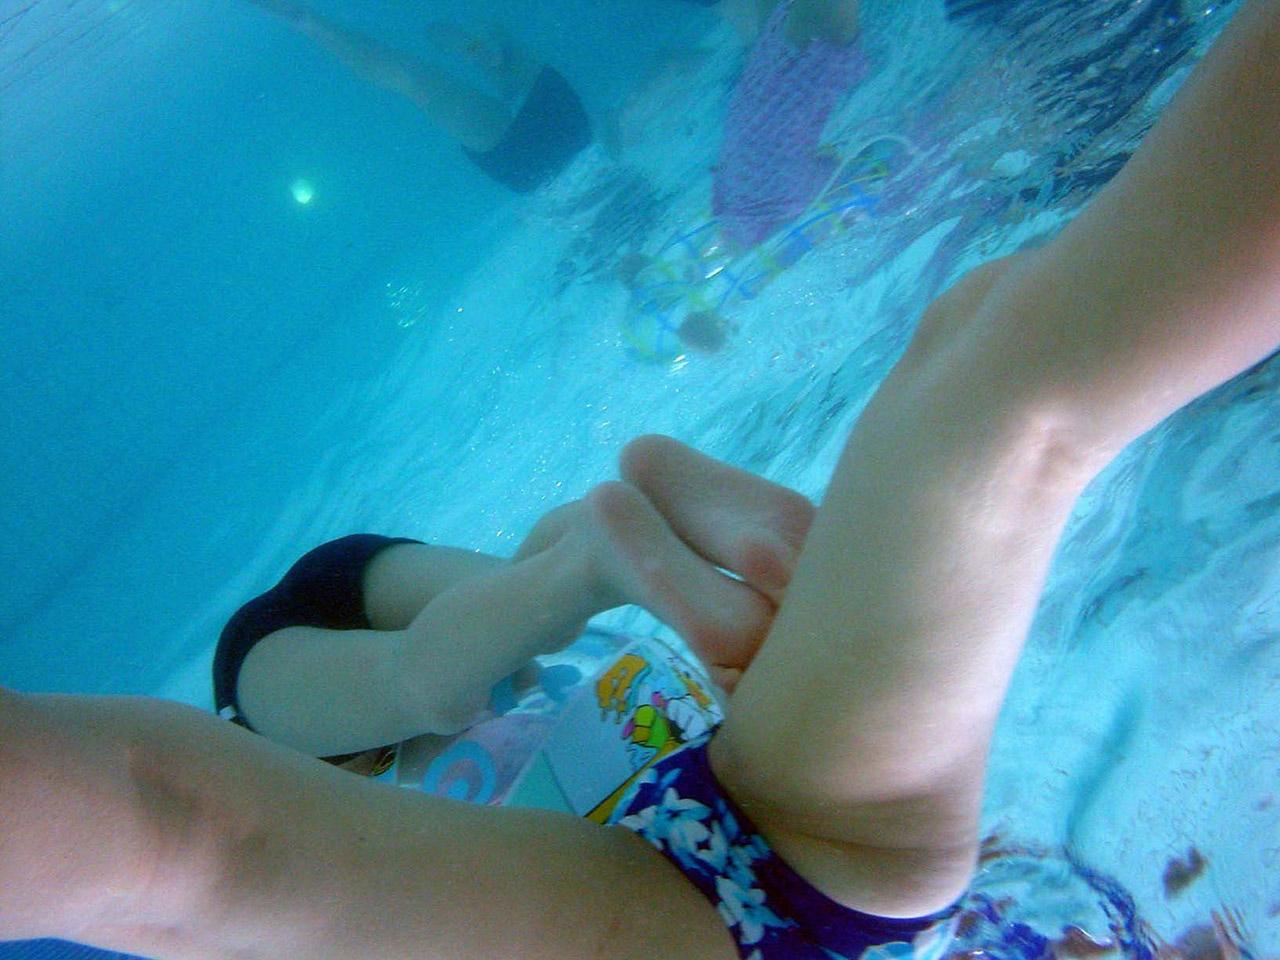 【水中エロ画像】水中で見る女性のエロい姿は幻想的でよりエロいと聞いてwww 25